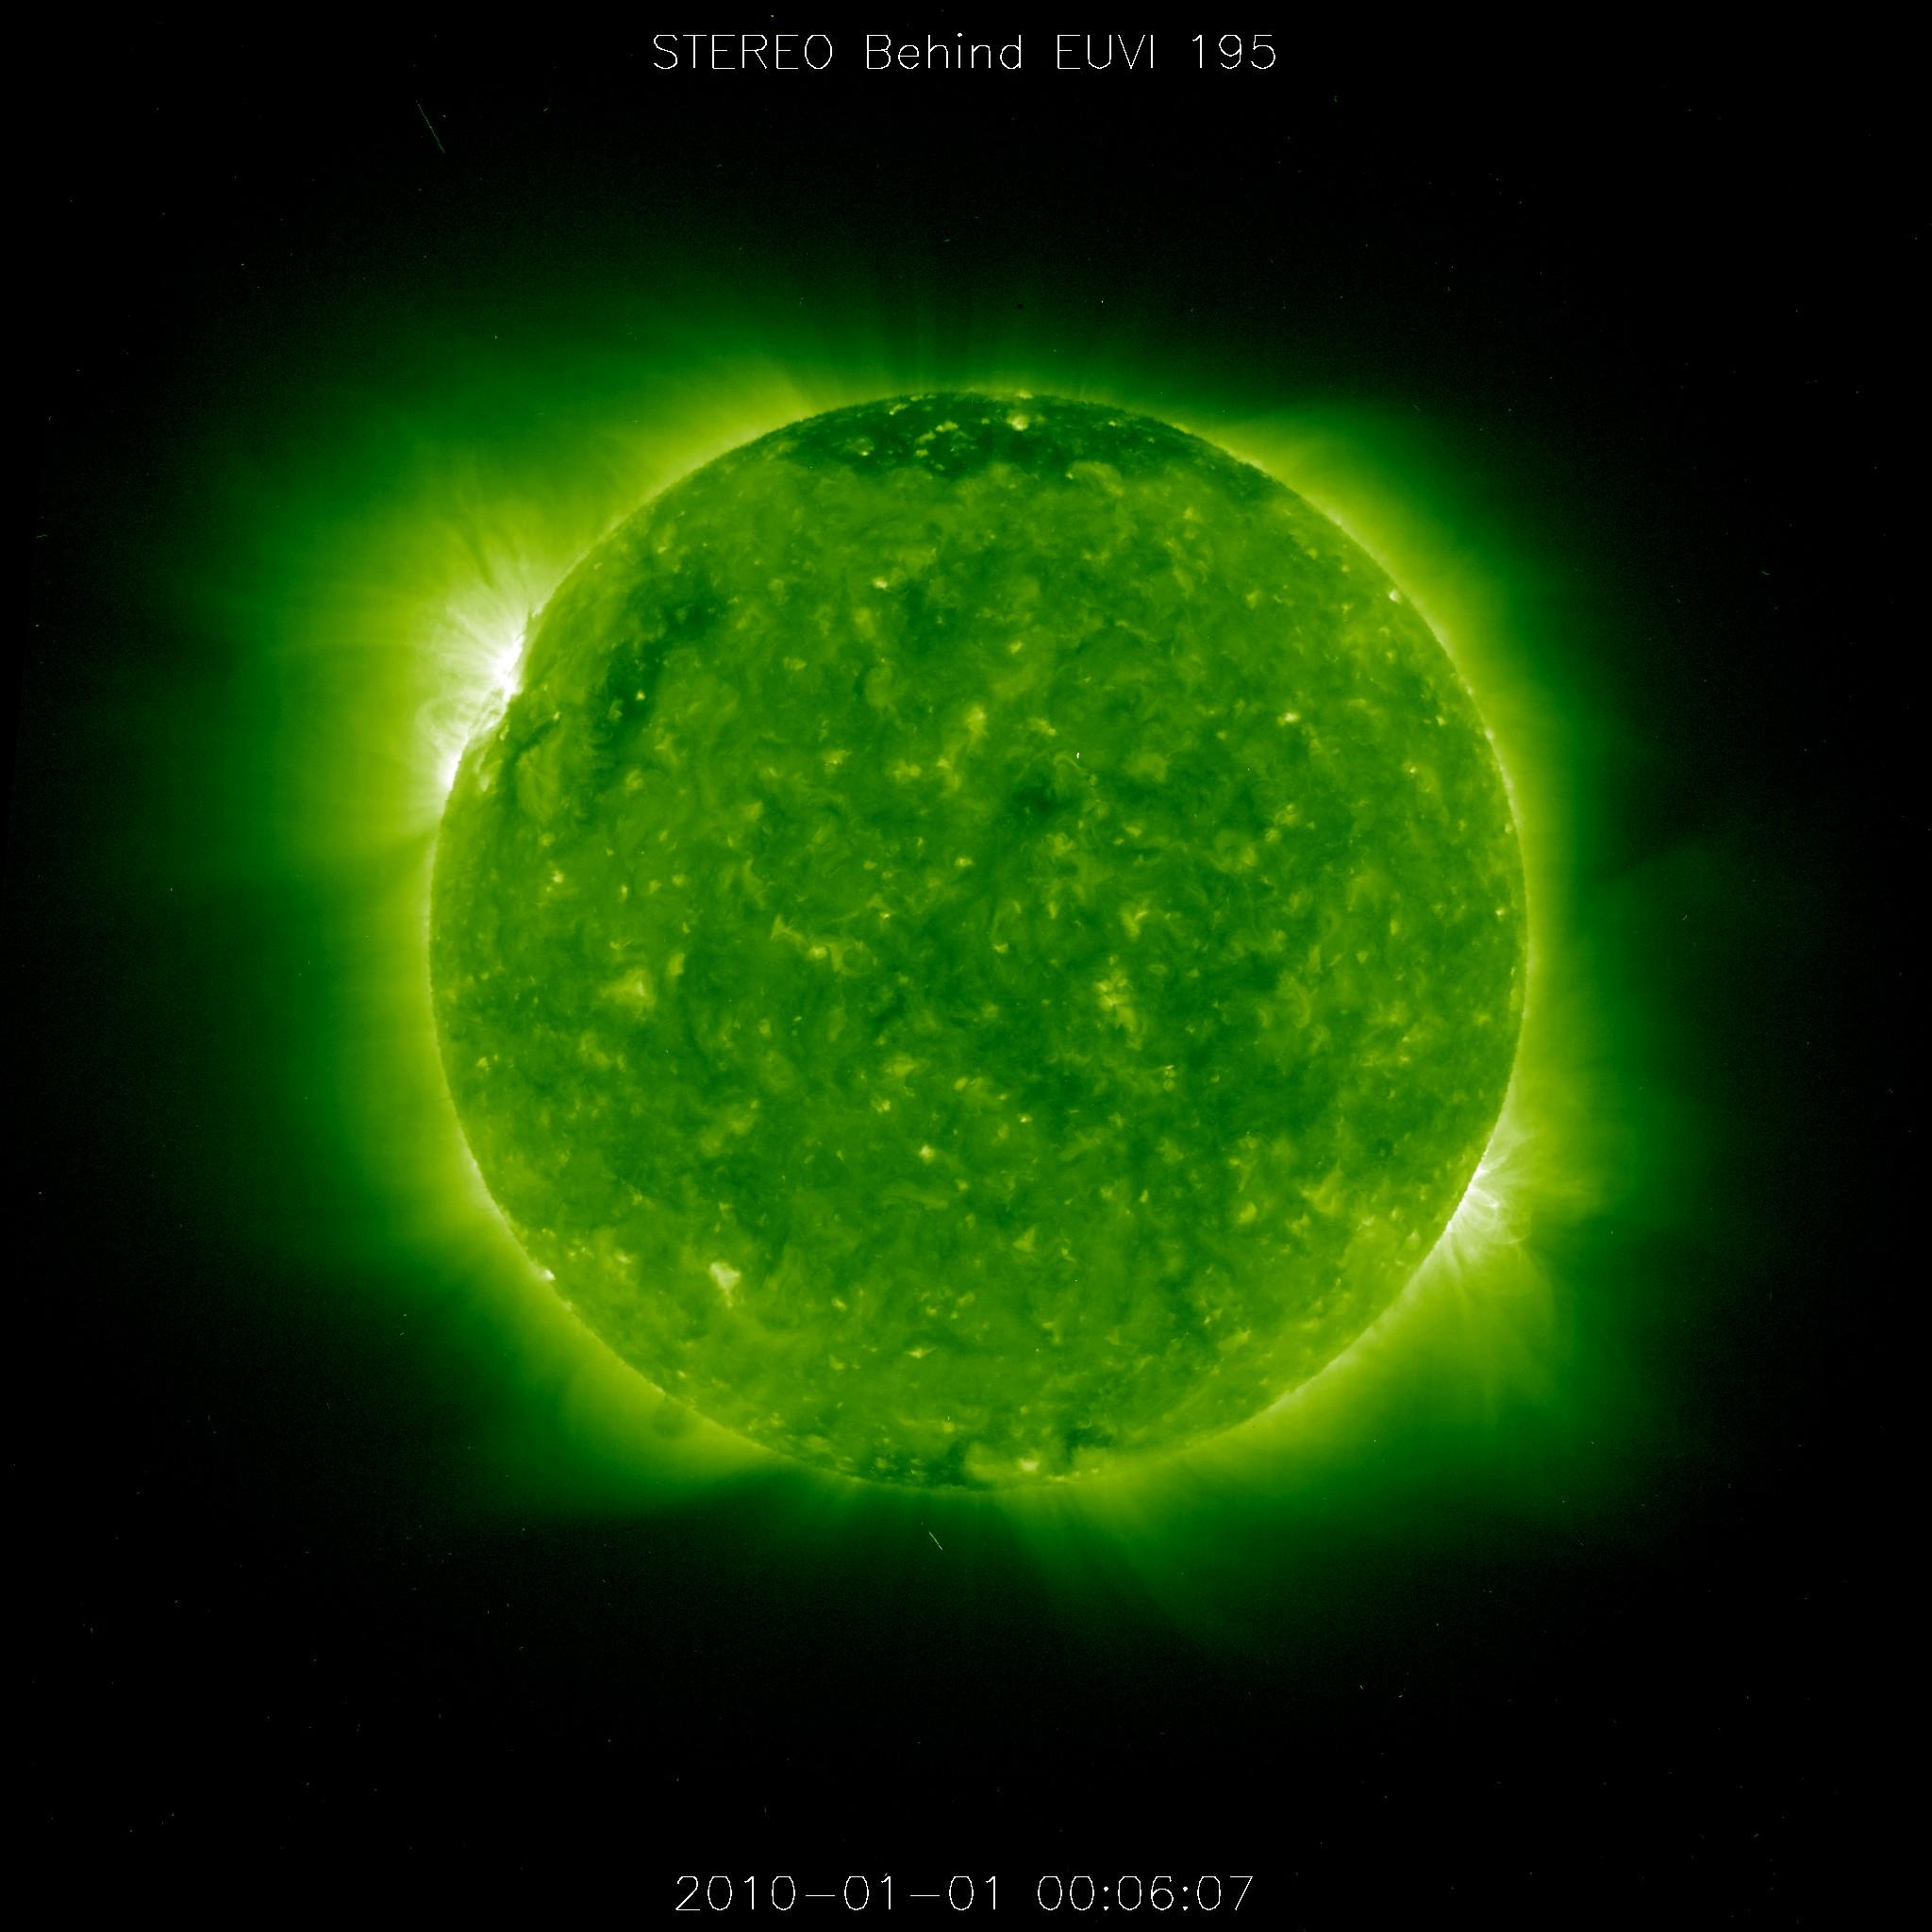 НЛО на Солнце! (фото+фильм) 0_5fcce_c1d48492_orig